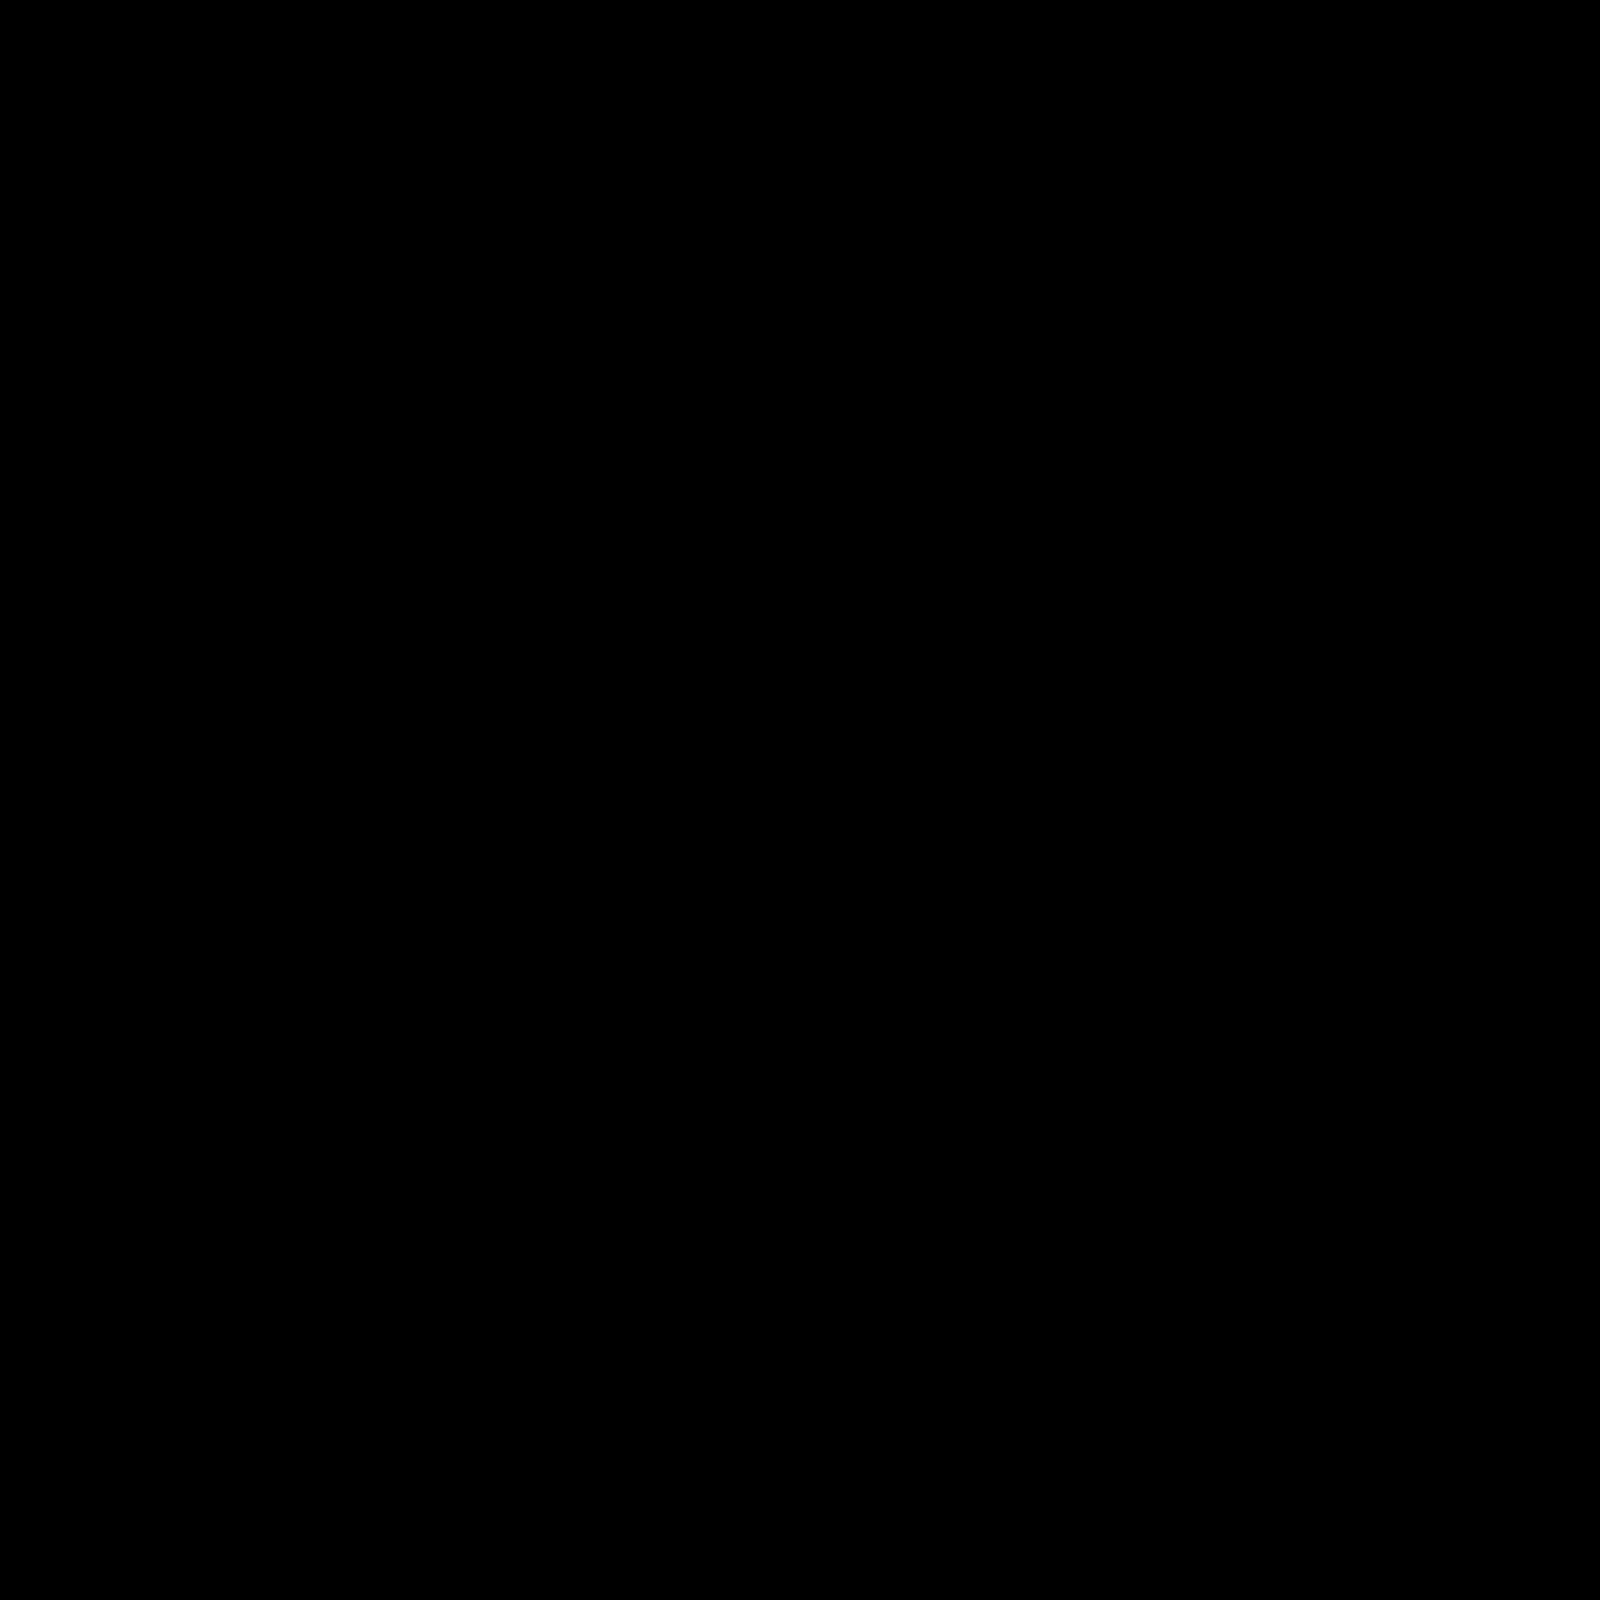 Węgorz icon